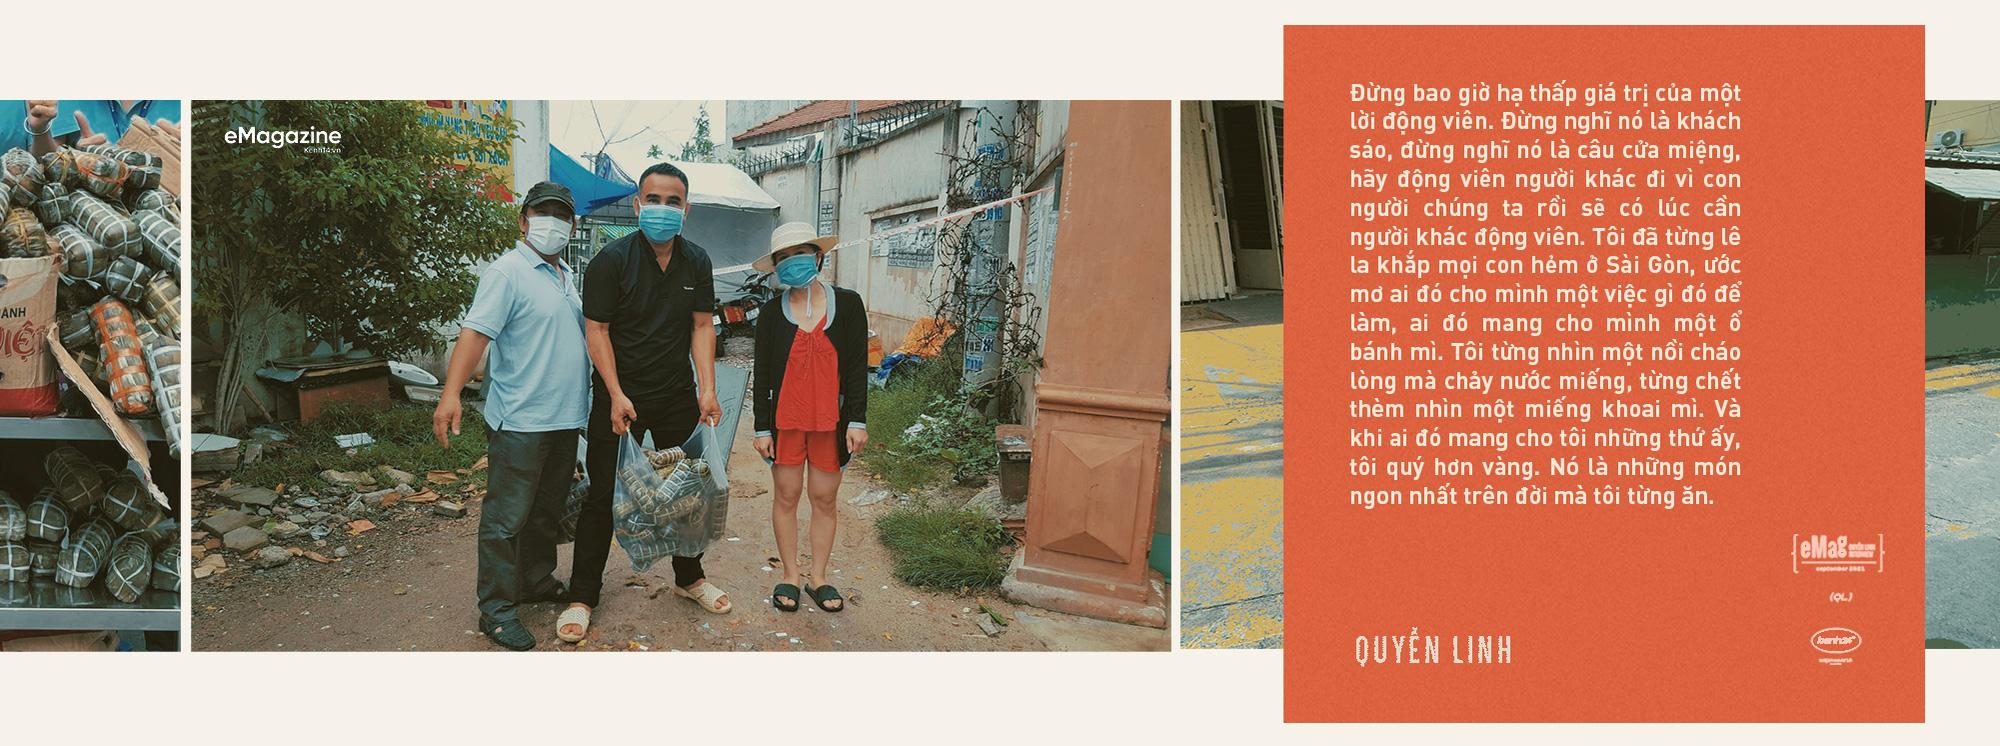 Quyền Linh: Đã nỗ lực vì bao mảnh đời ở miền Bắc, dầm mình trong mưa lũ miền Trung, sao có thể đứng ngoài nỗi đau của Sài Gòn - mảnh đất cho mình tất cả - Ảnh 20.